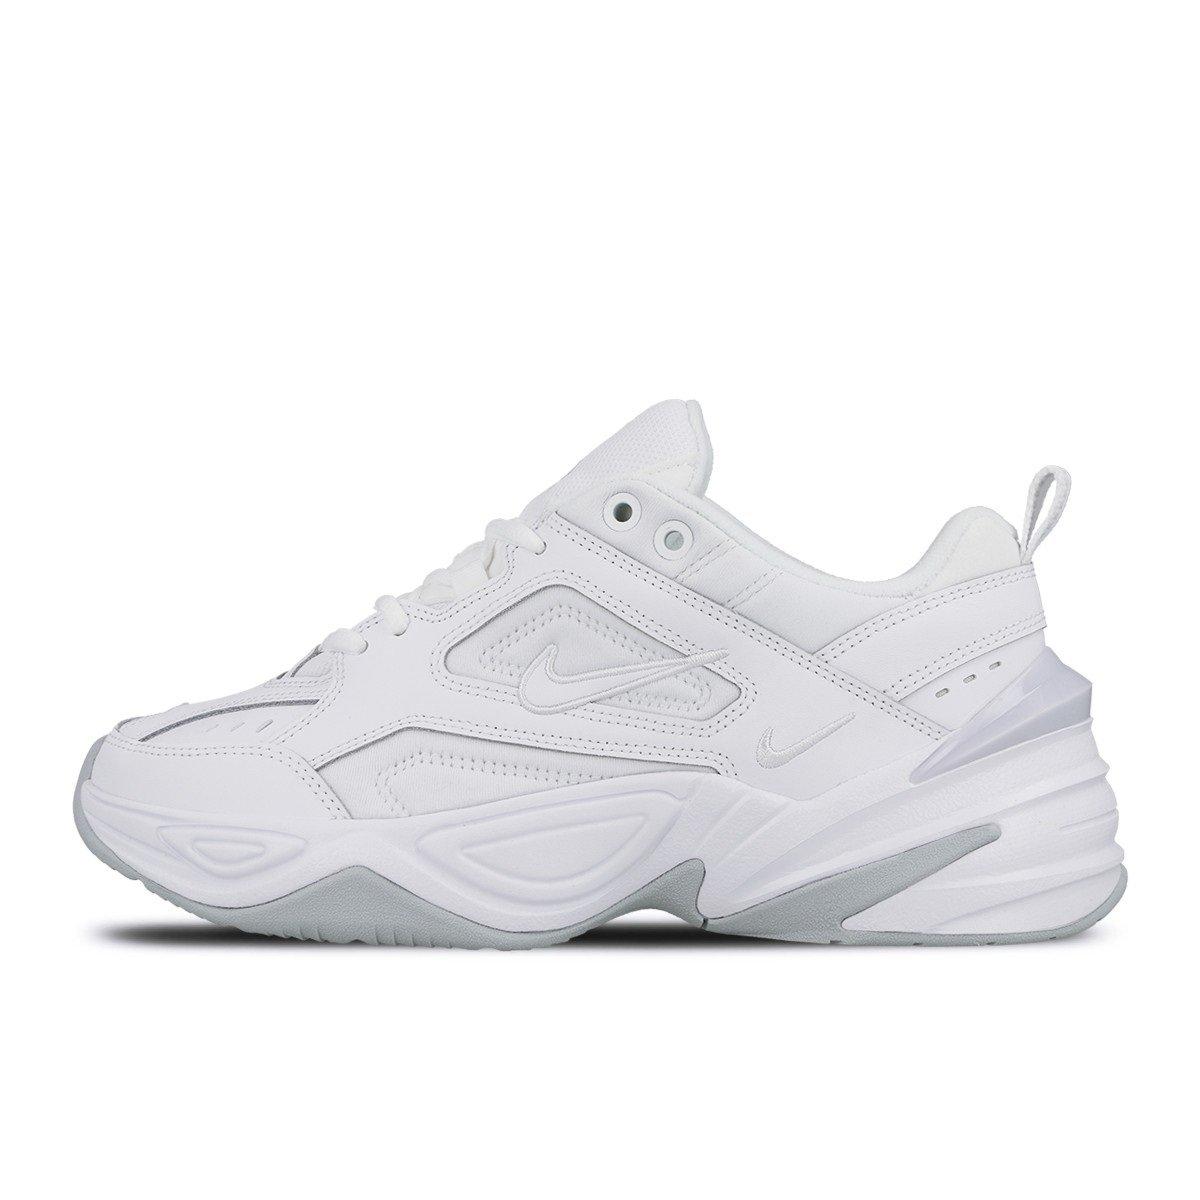 White Nike W M2K TEKNO - AO3108-100